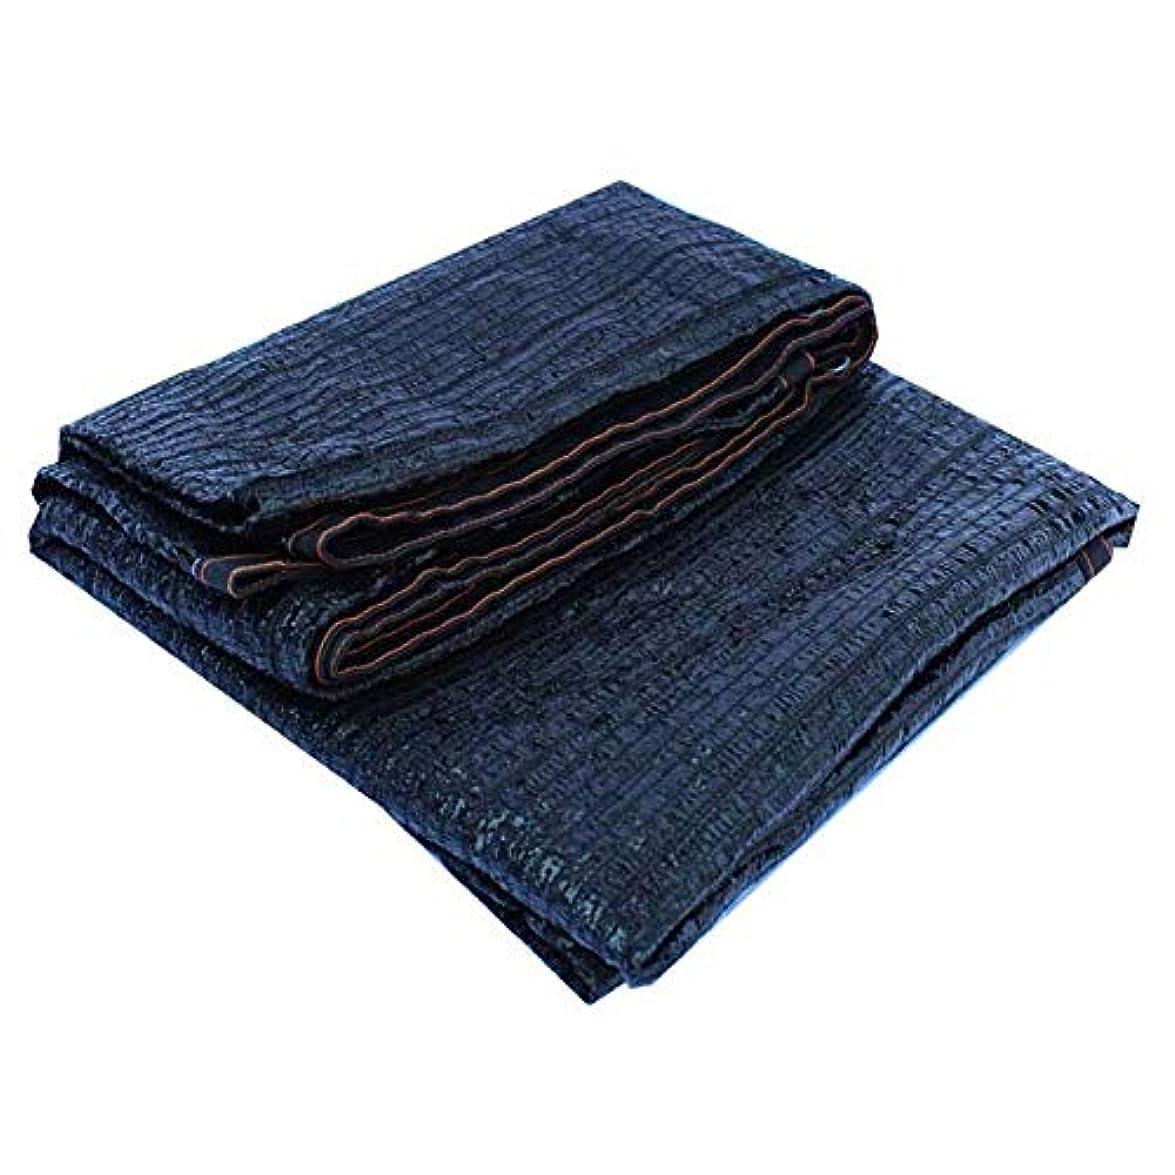 便宜定義流すZX タープ シェーディングネット グロメットとの完璧な日焼け止めシェード布 工場カバー温室効果納屋の95%UVブラック ケンネルプールパーゴラやプール テント アウトドア (Color : Black, Size : 4X10M)